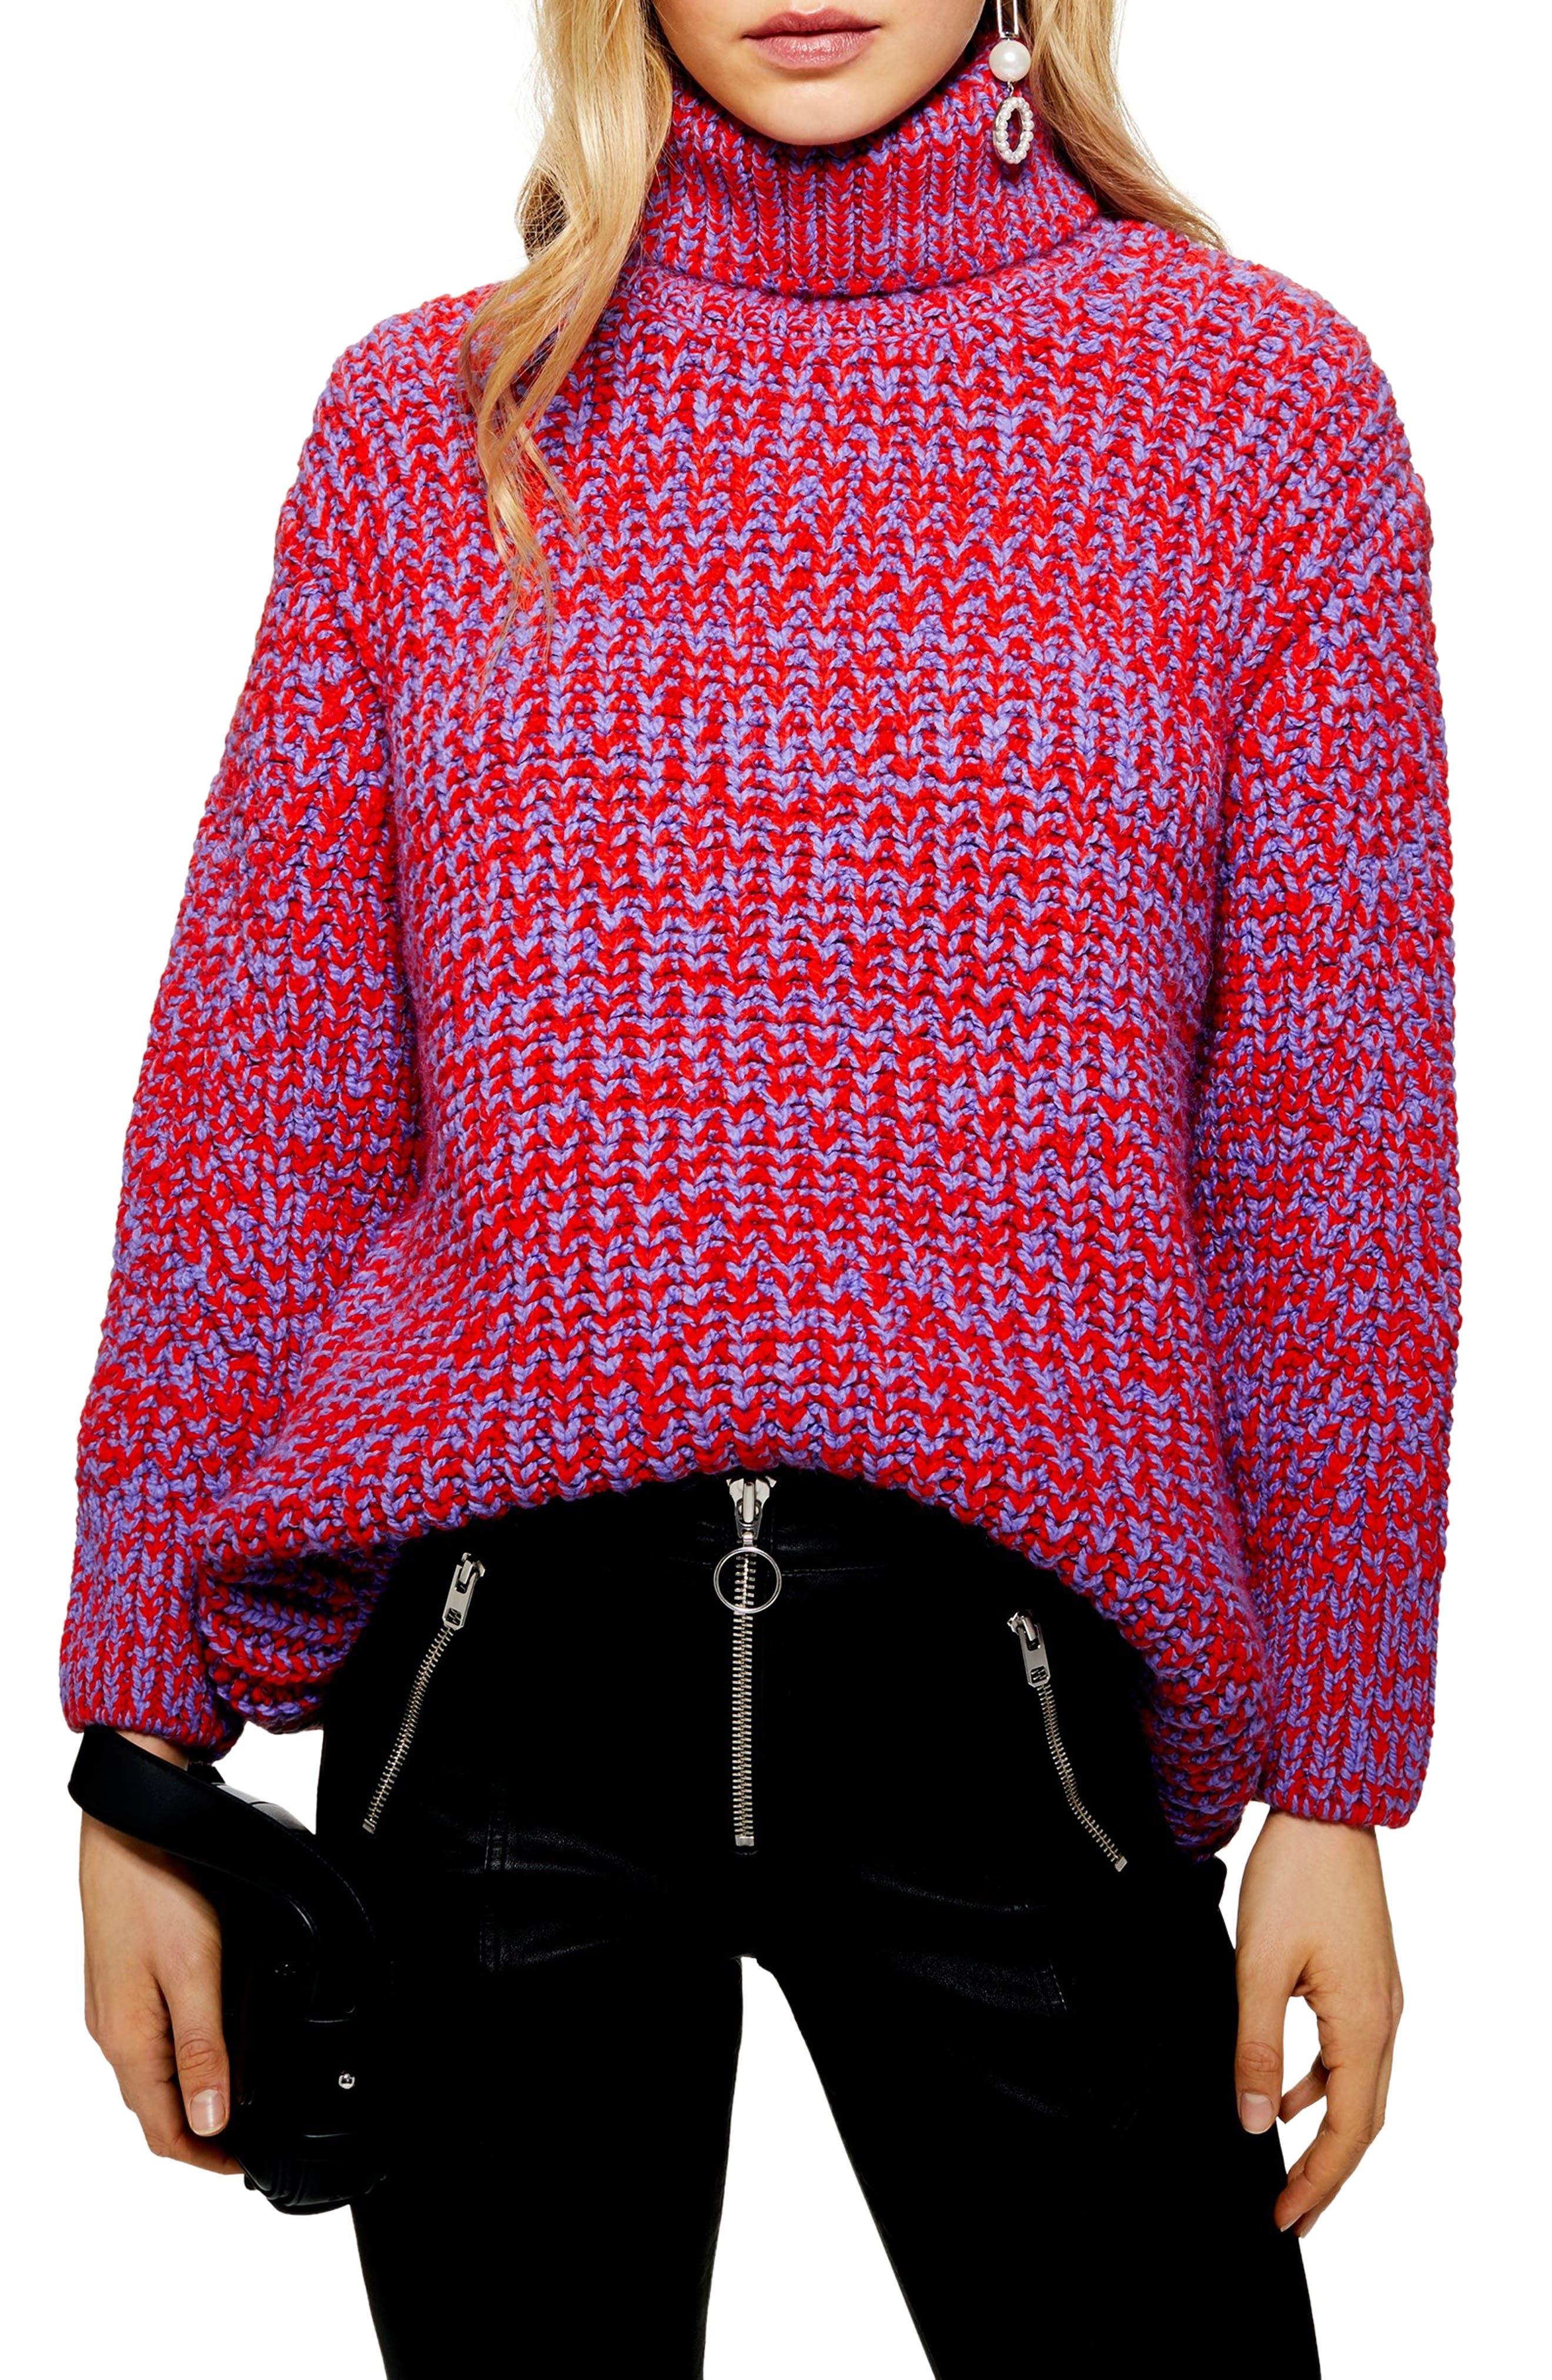 Women's Sweaters Topshop Topshop Women's Nordstrom Hnq6RS7xw